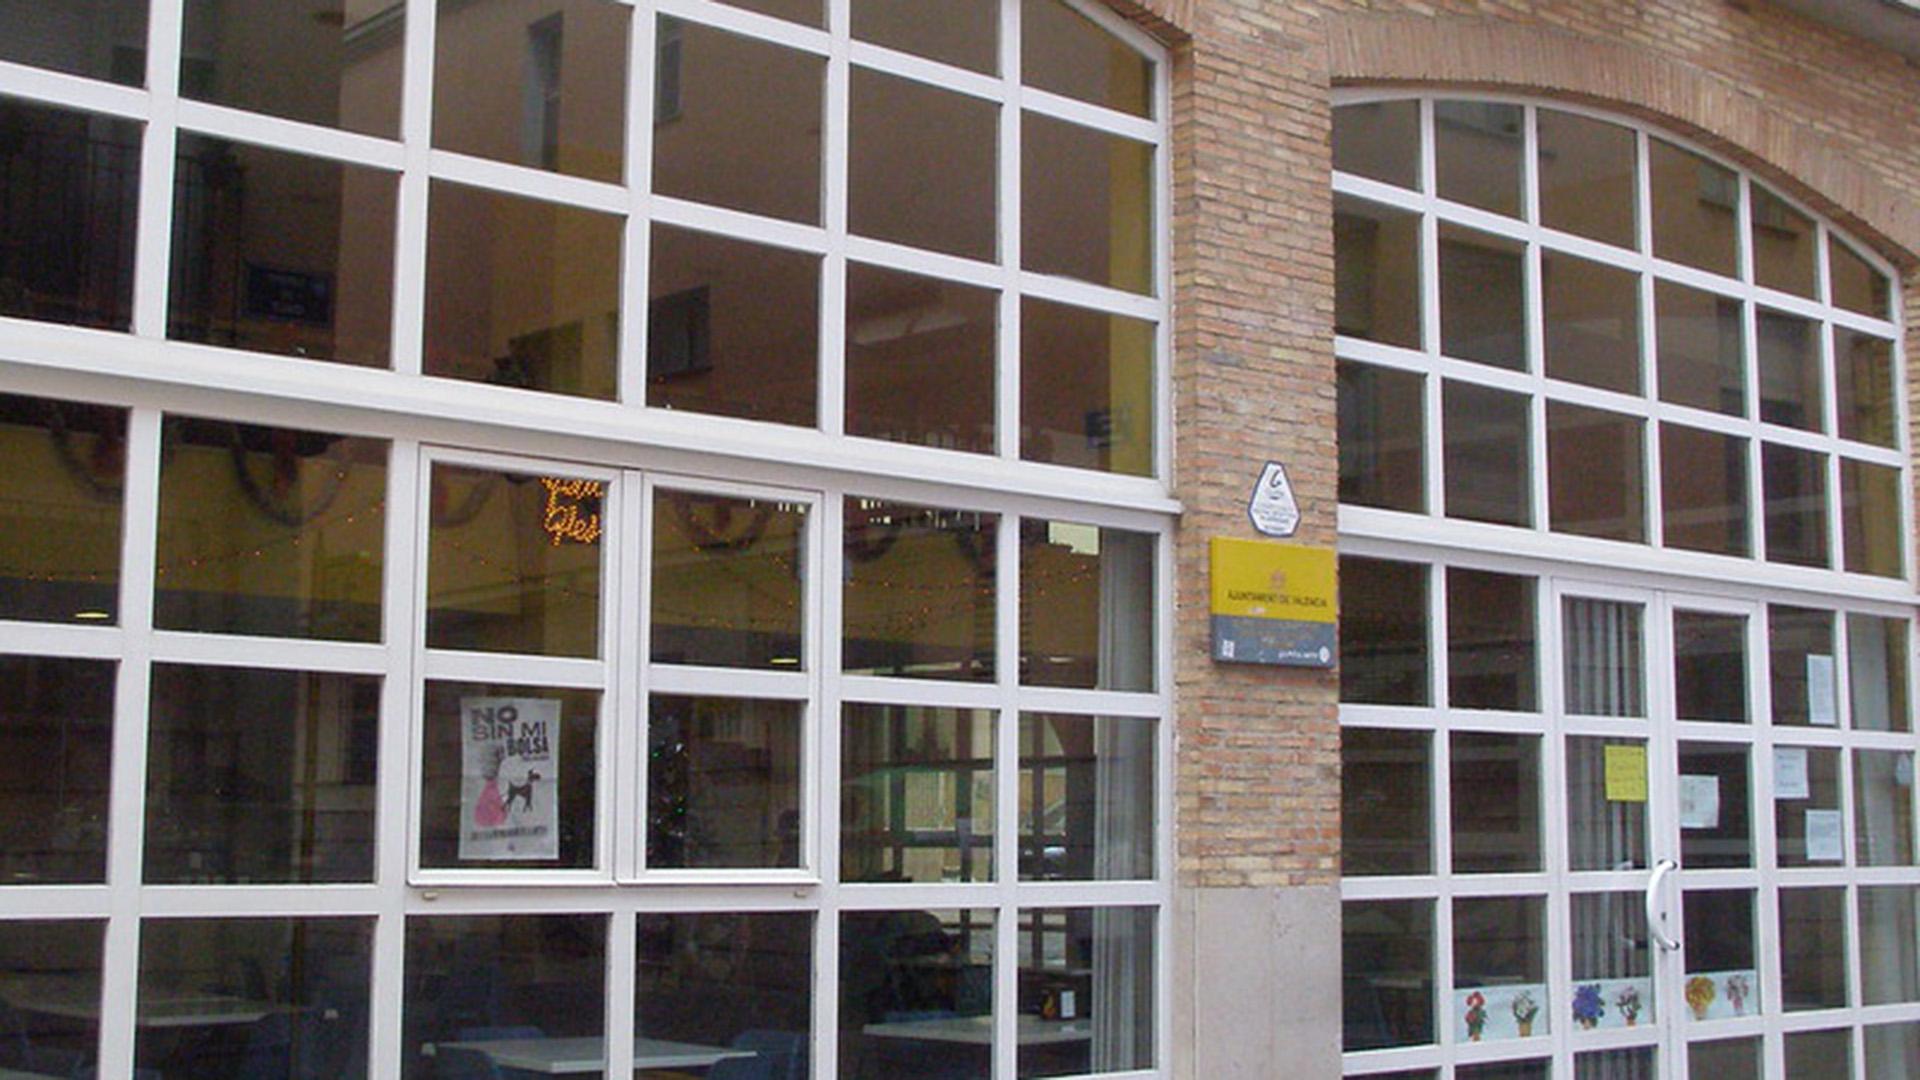 Centre Municipal d'Activitats de Persones Majors del barri del Carme